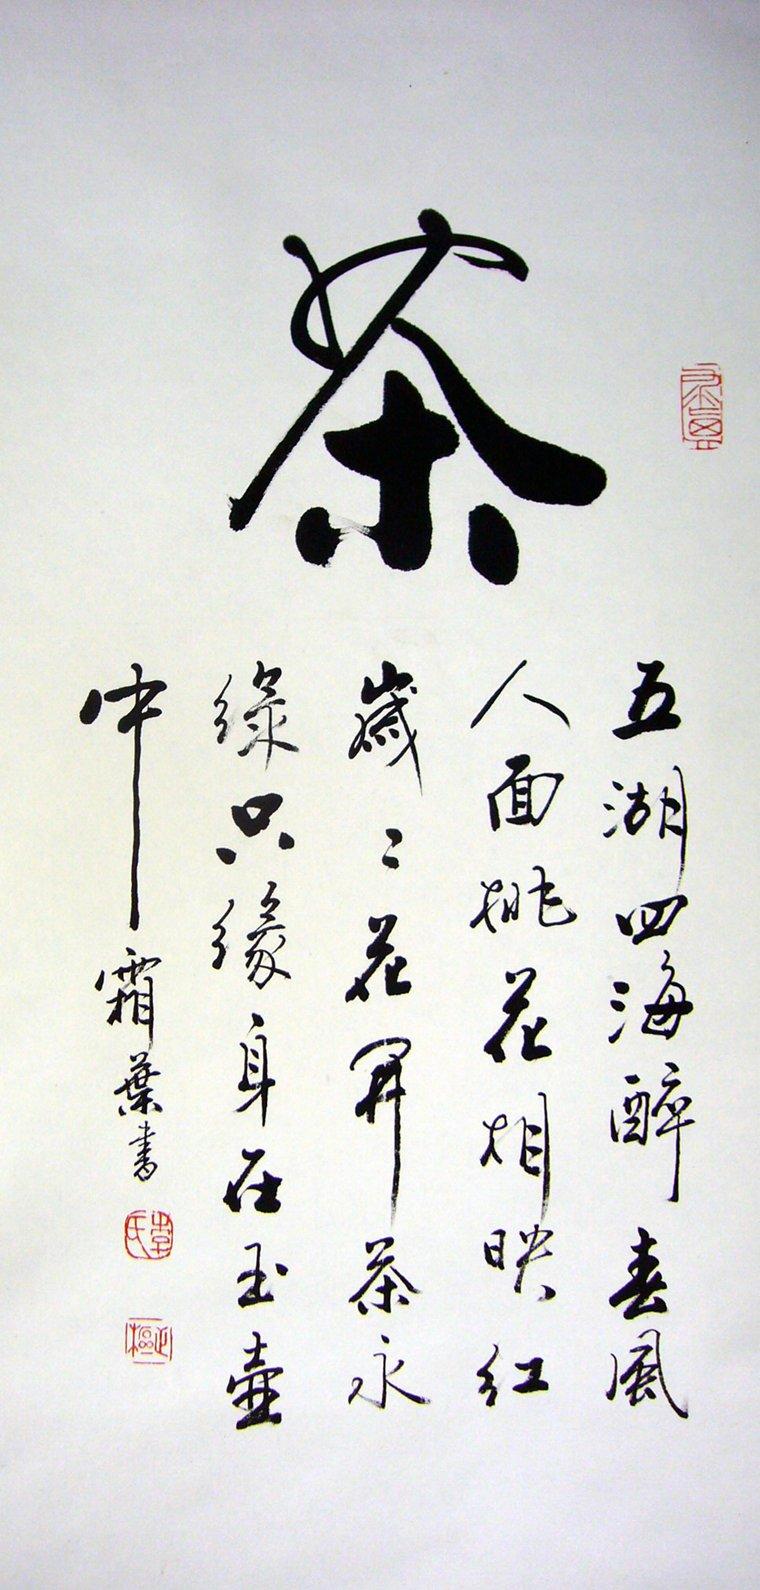 高清书法茶道内容 高清书法茶道版面设计